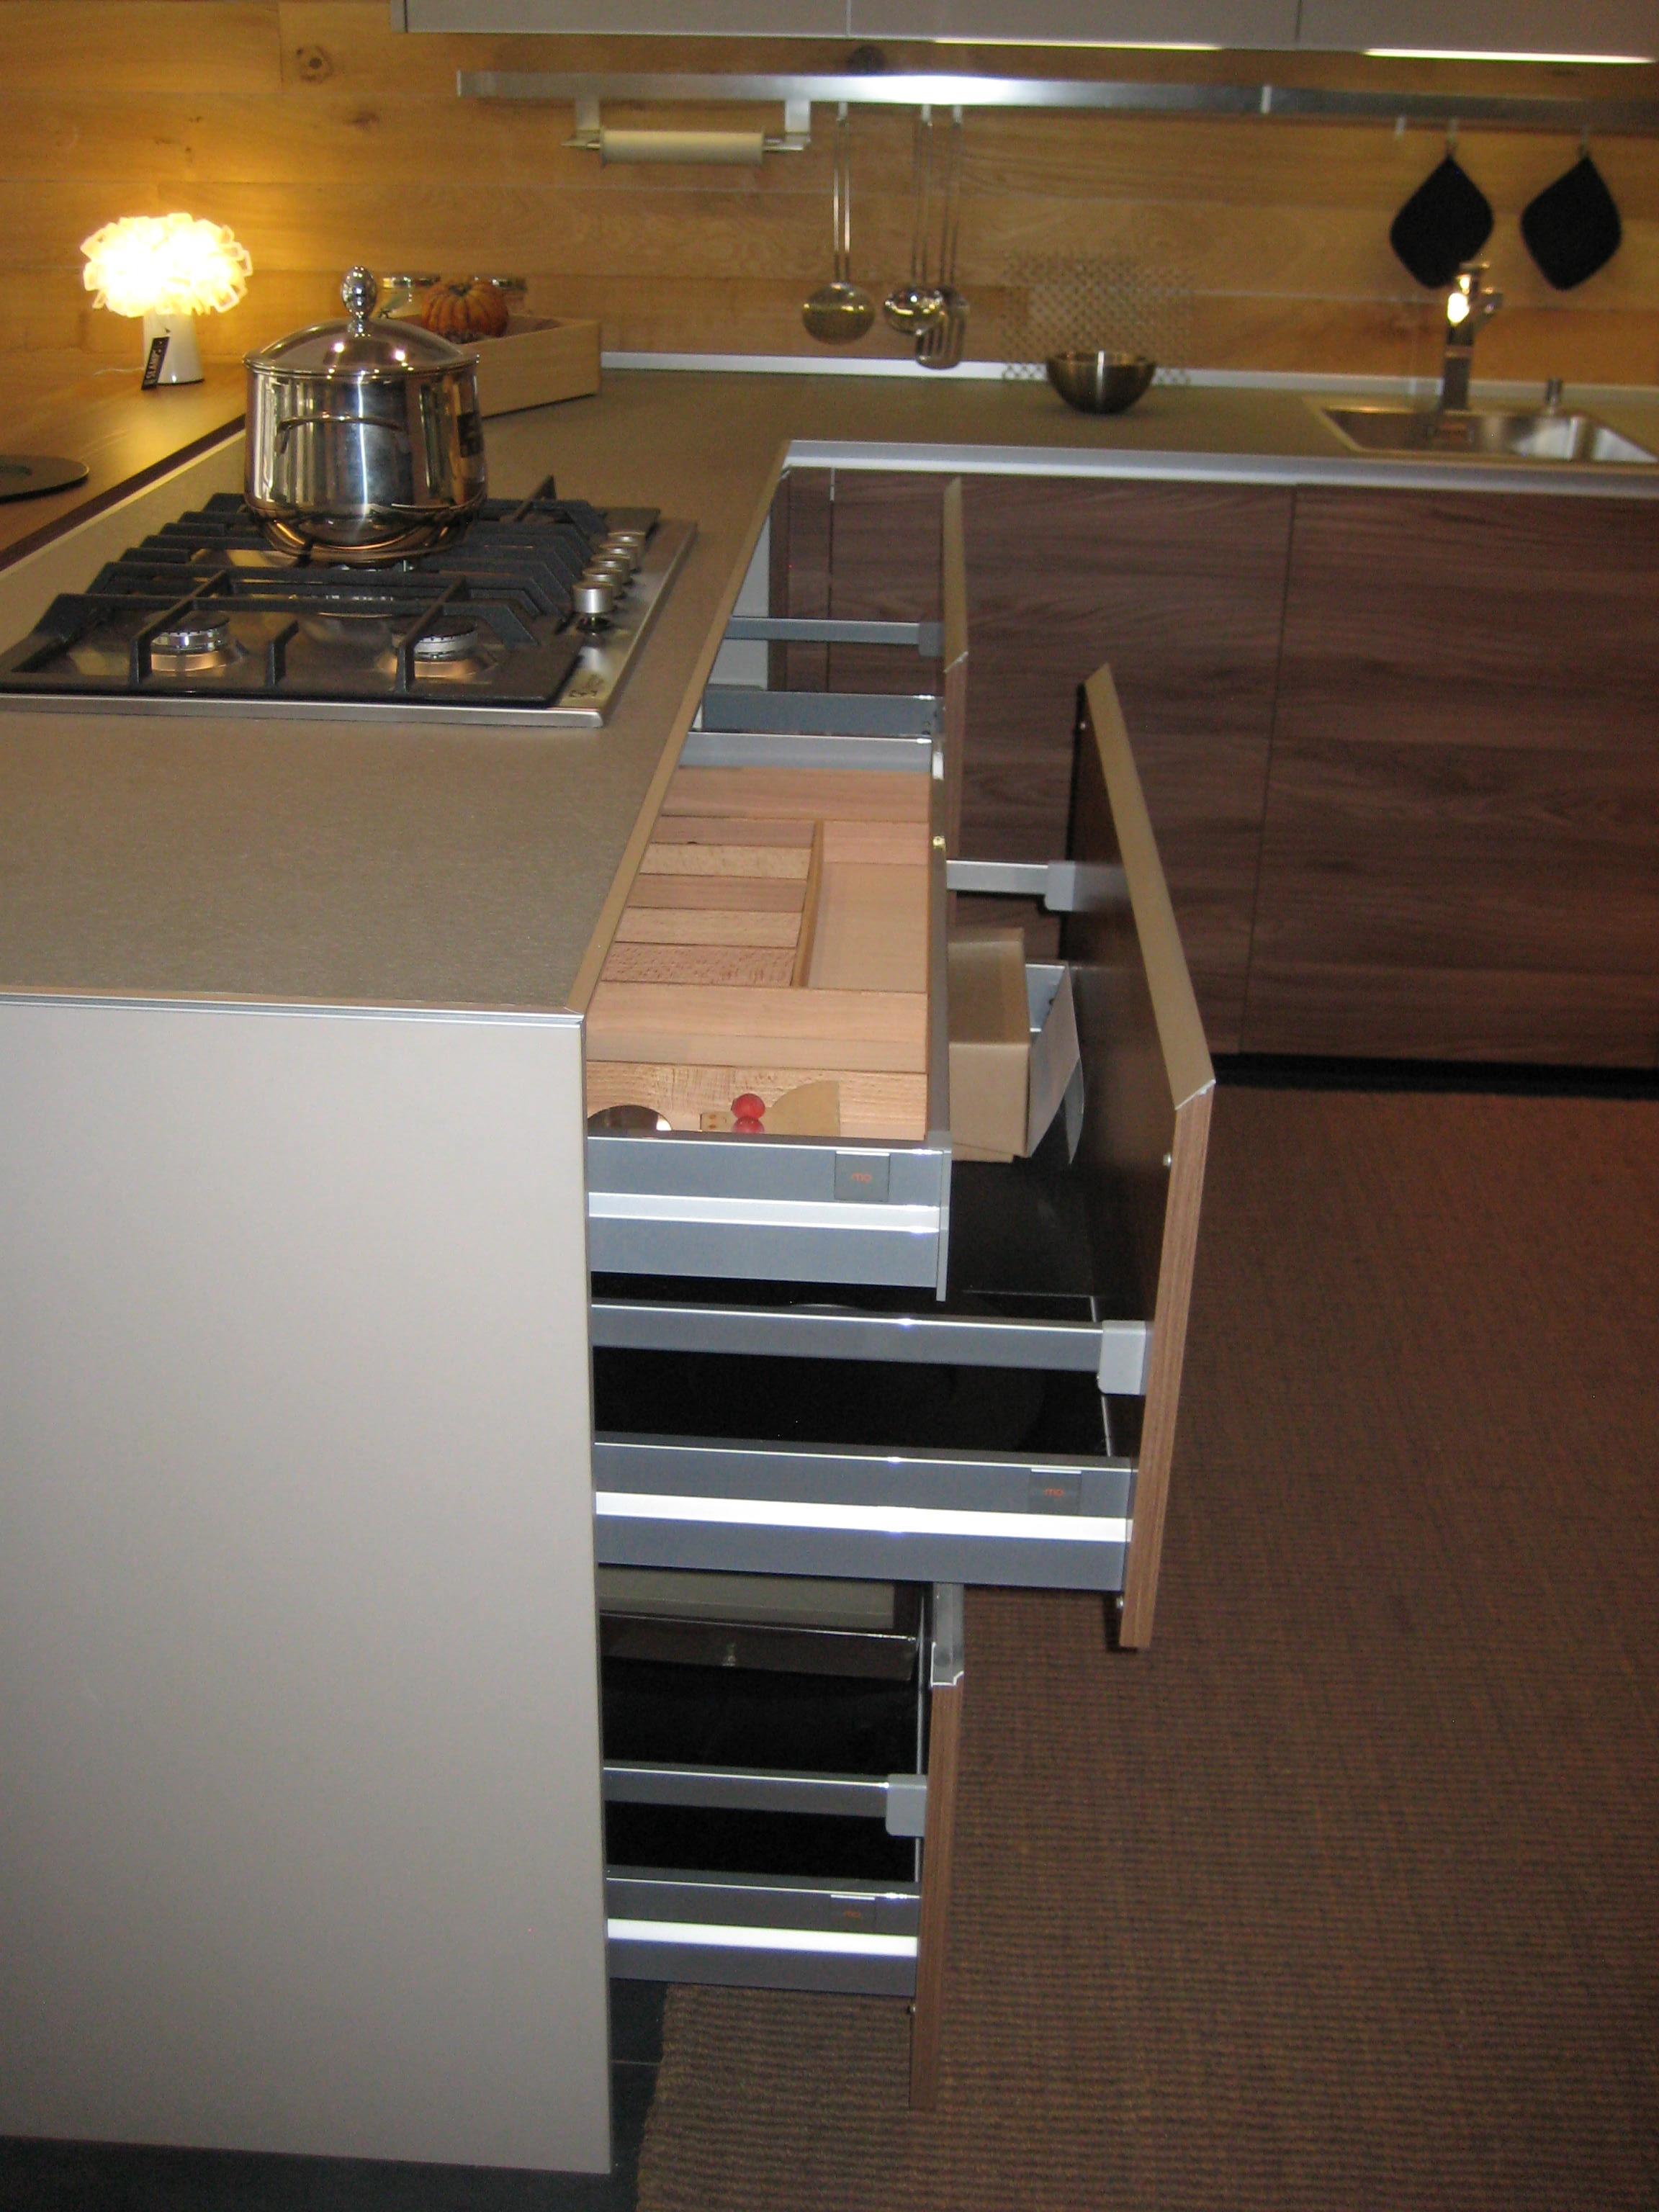 Cucina valcucine demode forma moderna laminato materico - Top cucina laminato opinioni ...